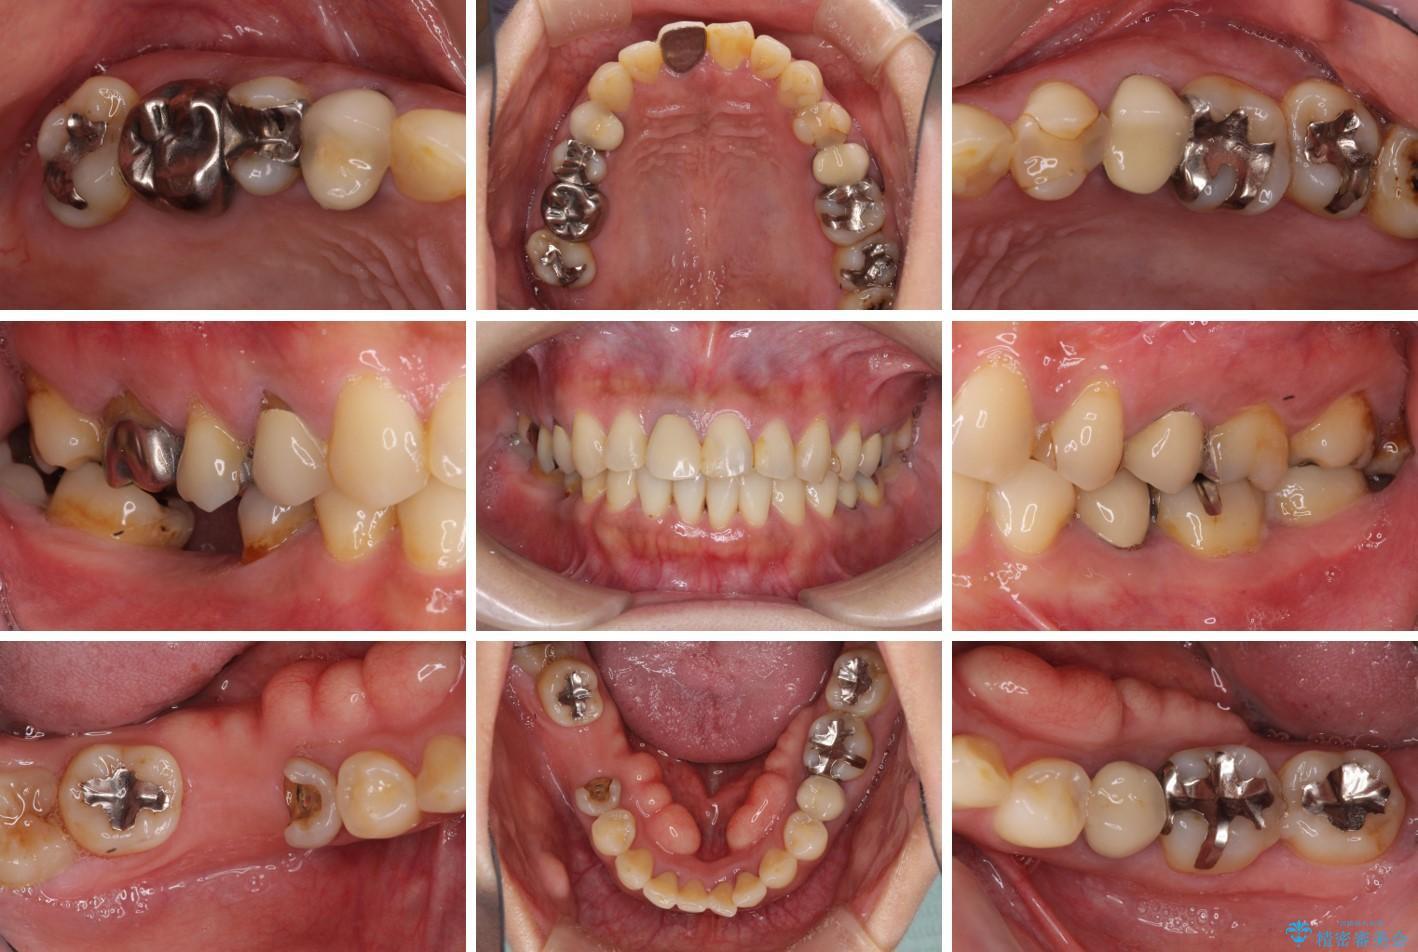 気になる部分を全て治療 総合歯科治療で口腔内環境改善 ビフォー